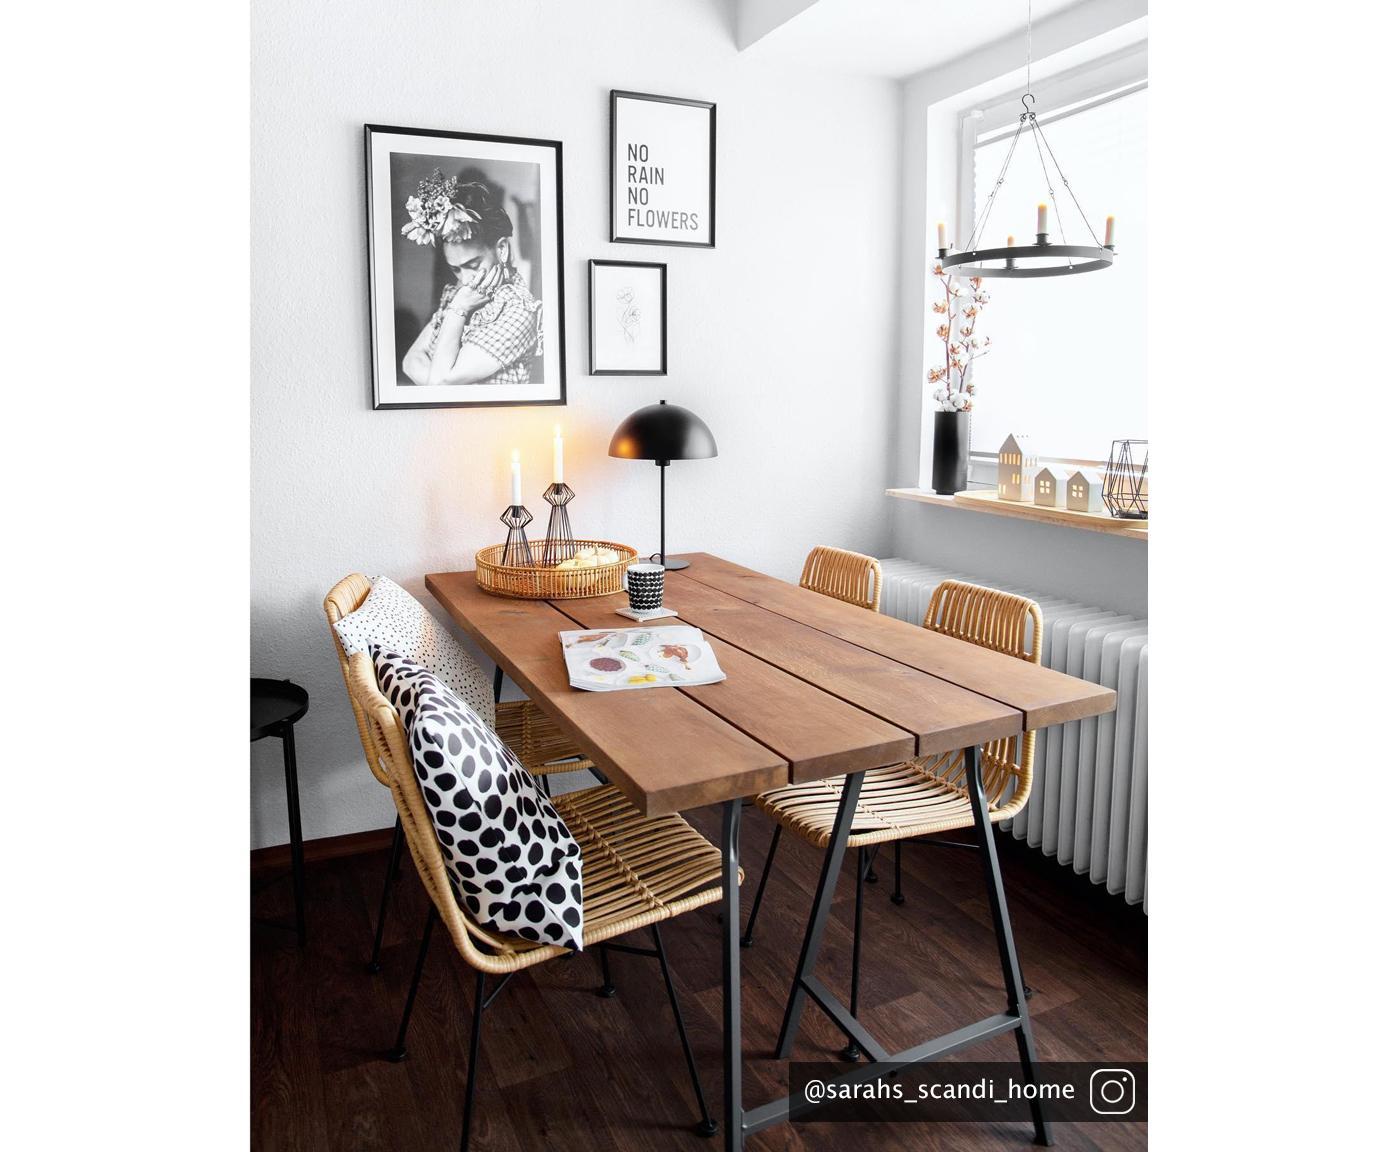 Polyratanová židle Costa, 2 ks, Světle hnědá Nohy: černá